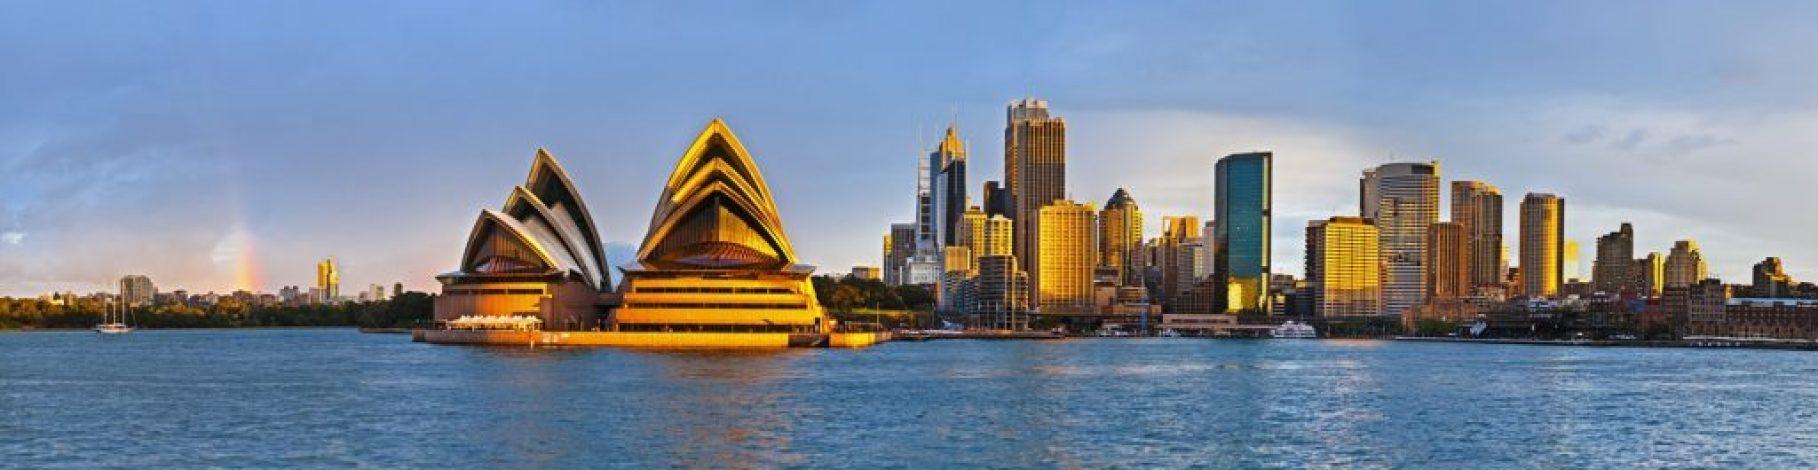 Australia Removals